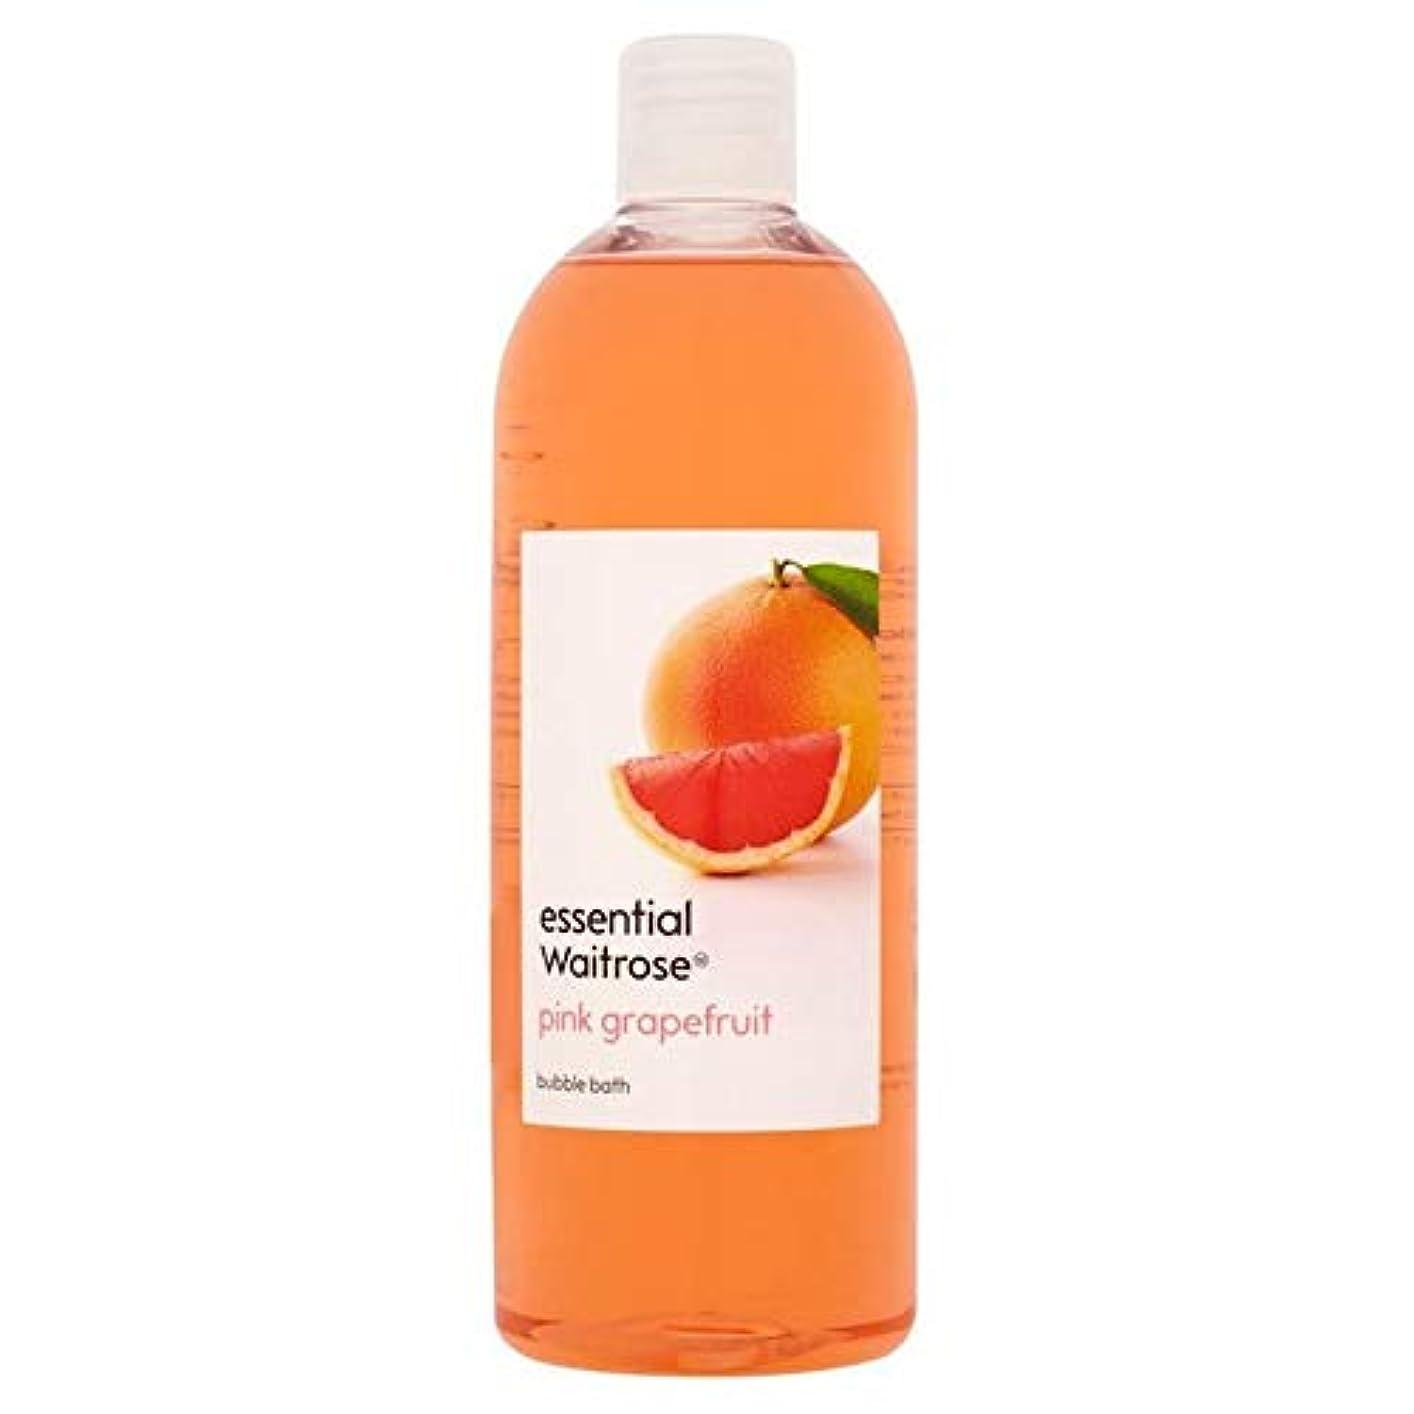 下線どちらか魂[Waitrose ] 基本的なウェイトローズの泡風呂ピンクグレープフルーツ750ミリリットル - Essential Waitrose Bubble Bath Pink Grapefruit 750ml [並行輸入品]